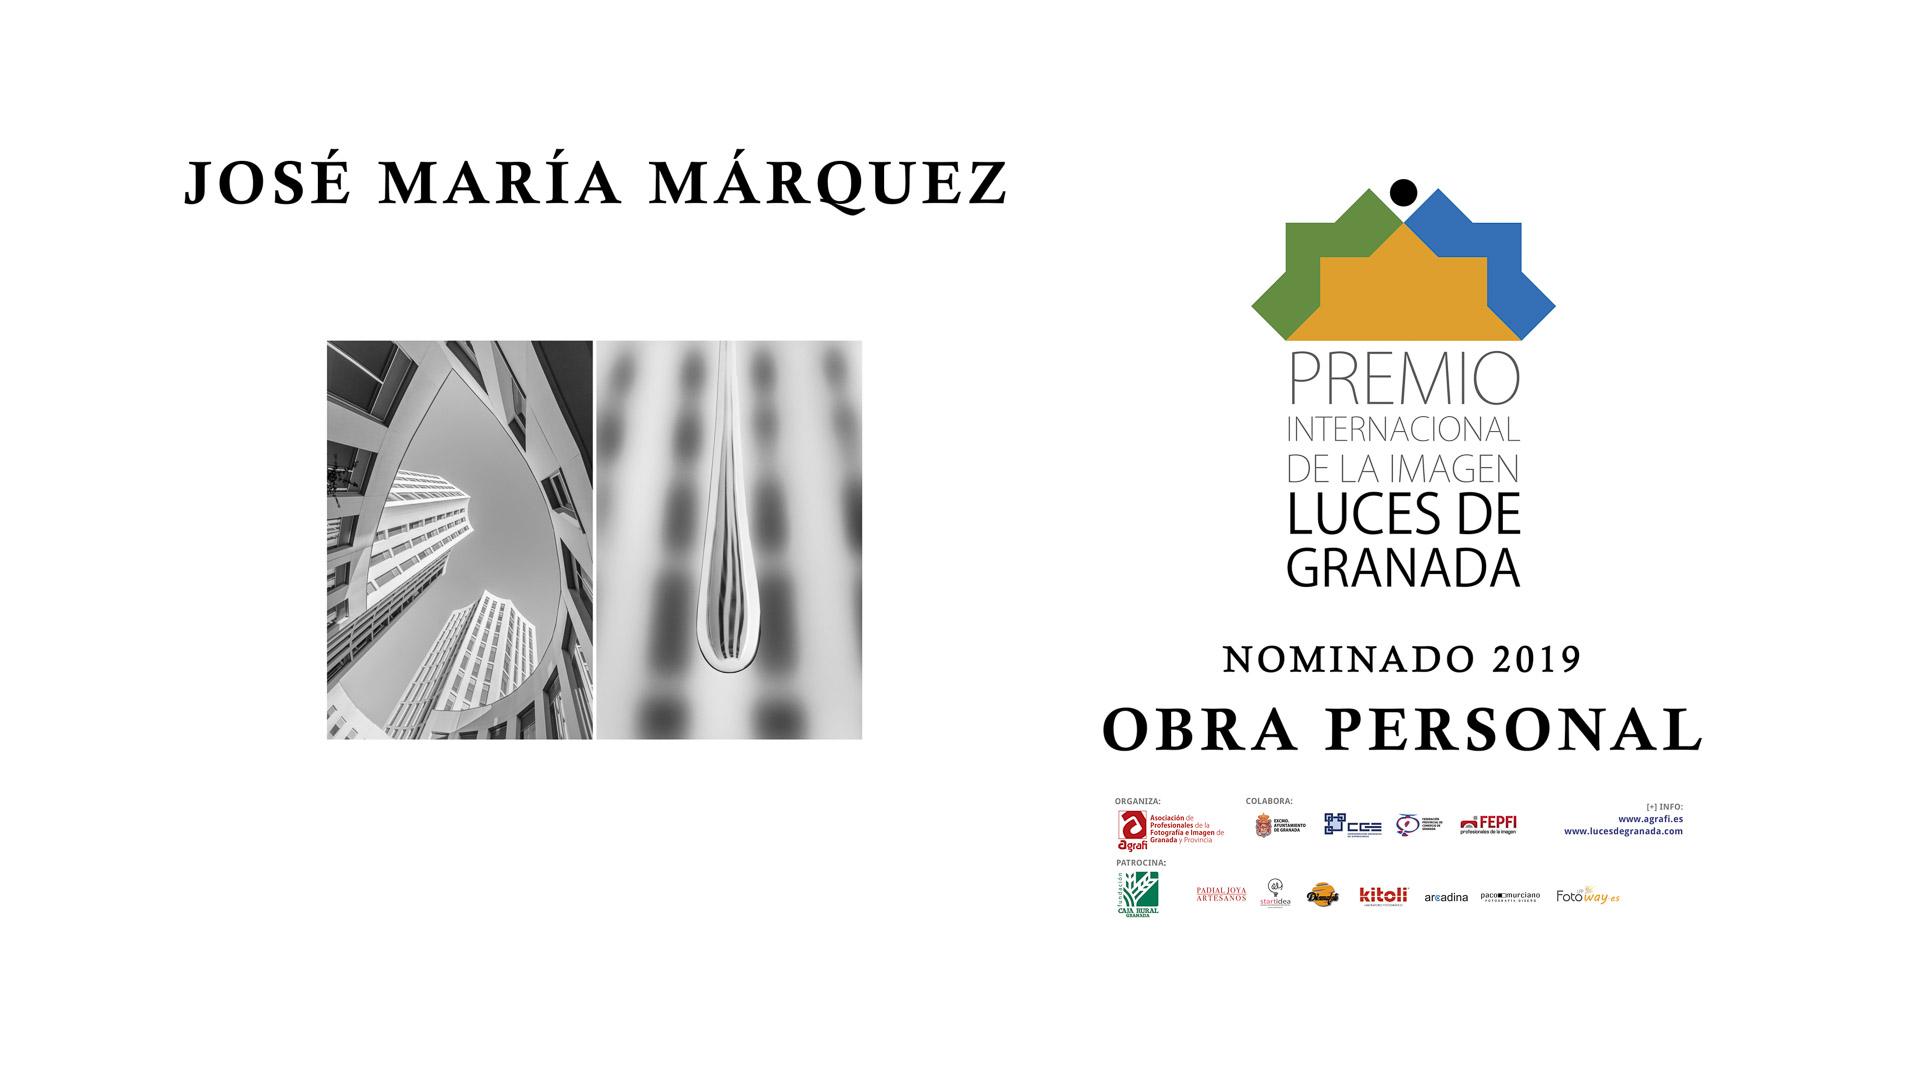 OP28_JOSE MARIA MARQUEZ